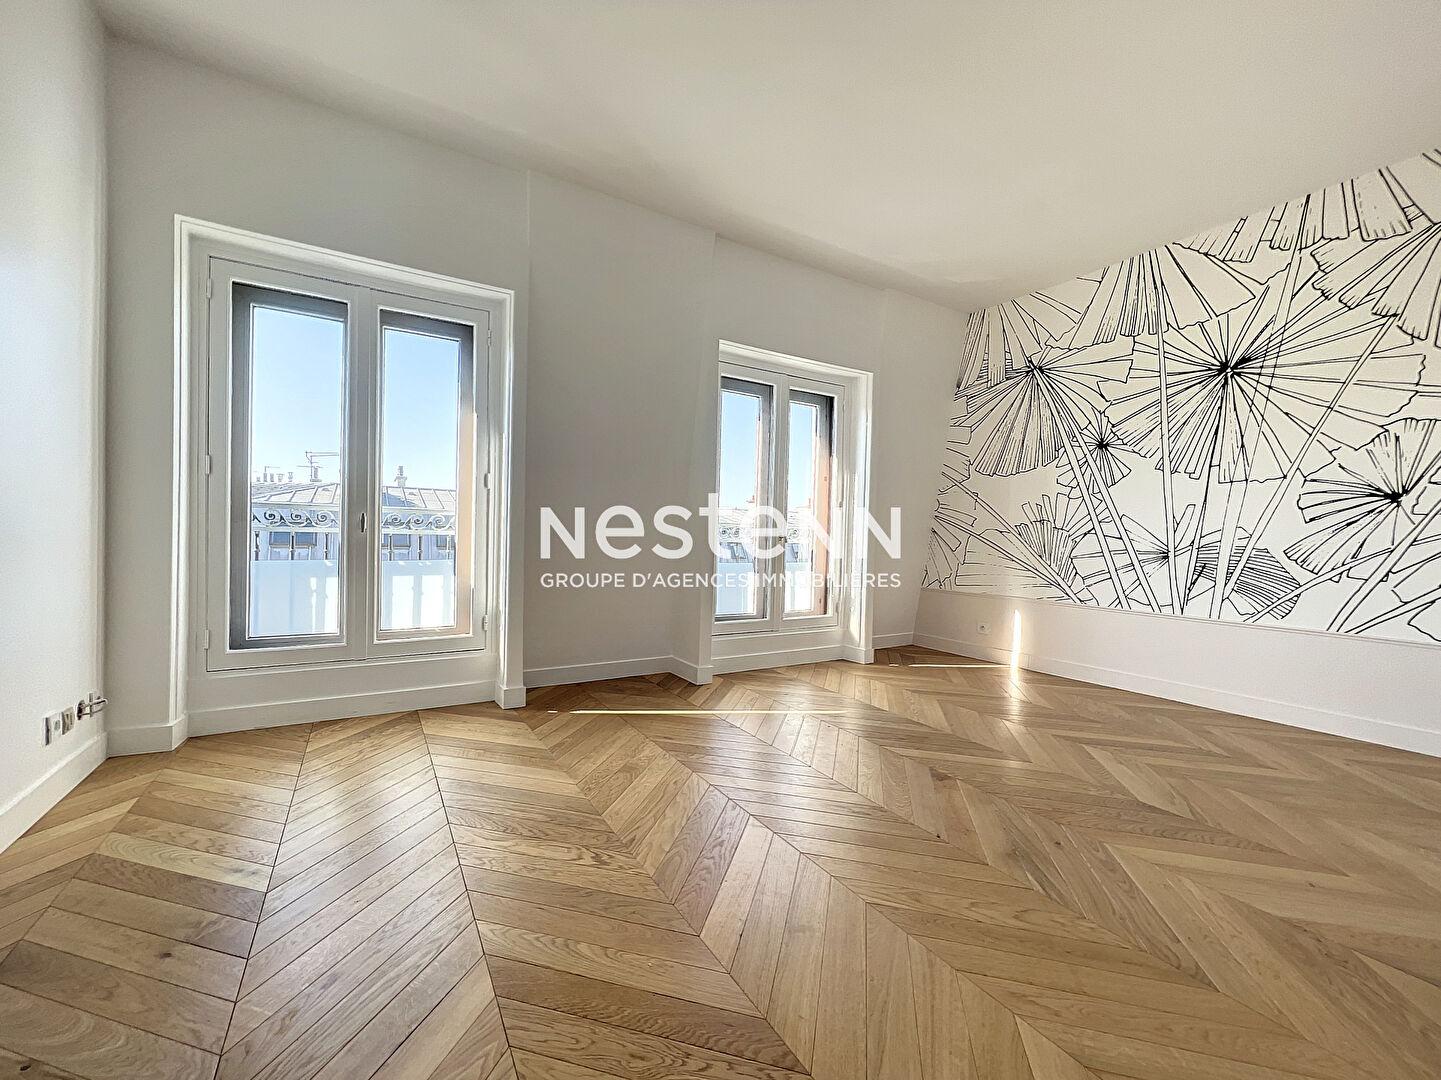 Exclusivité Nestenn - Appartement 5 pièces - Dernier étage - Parfait état